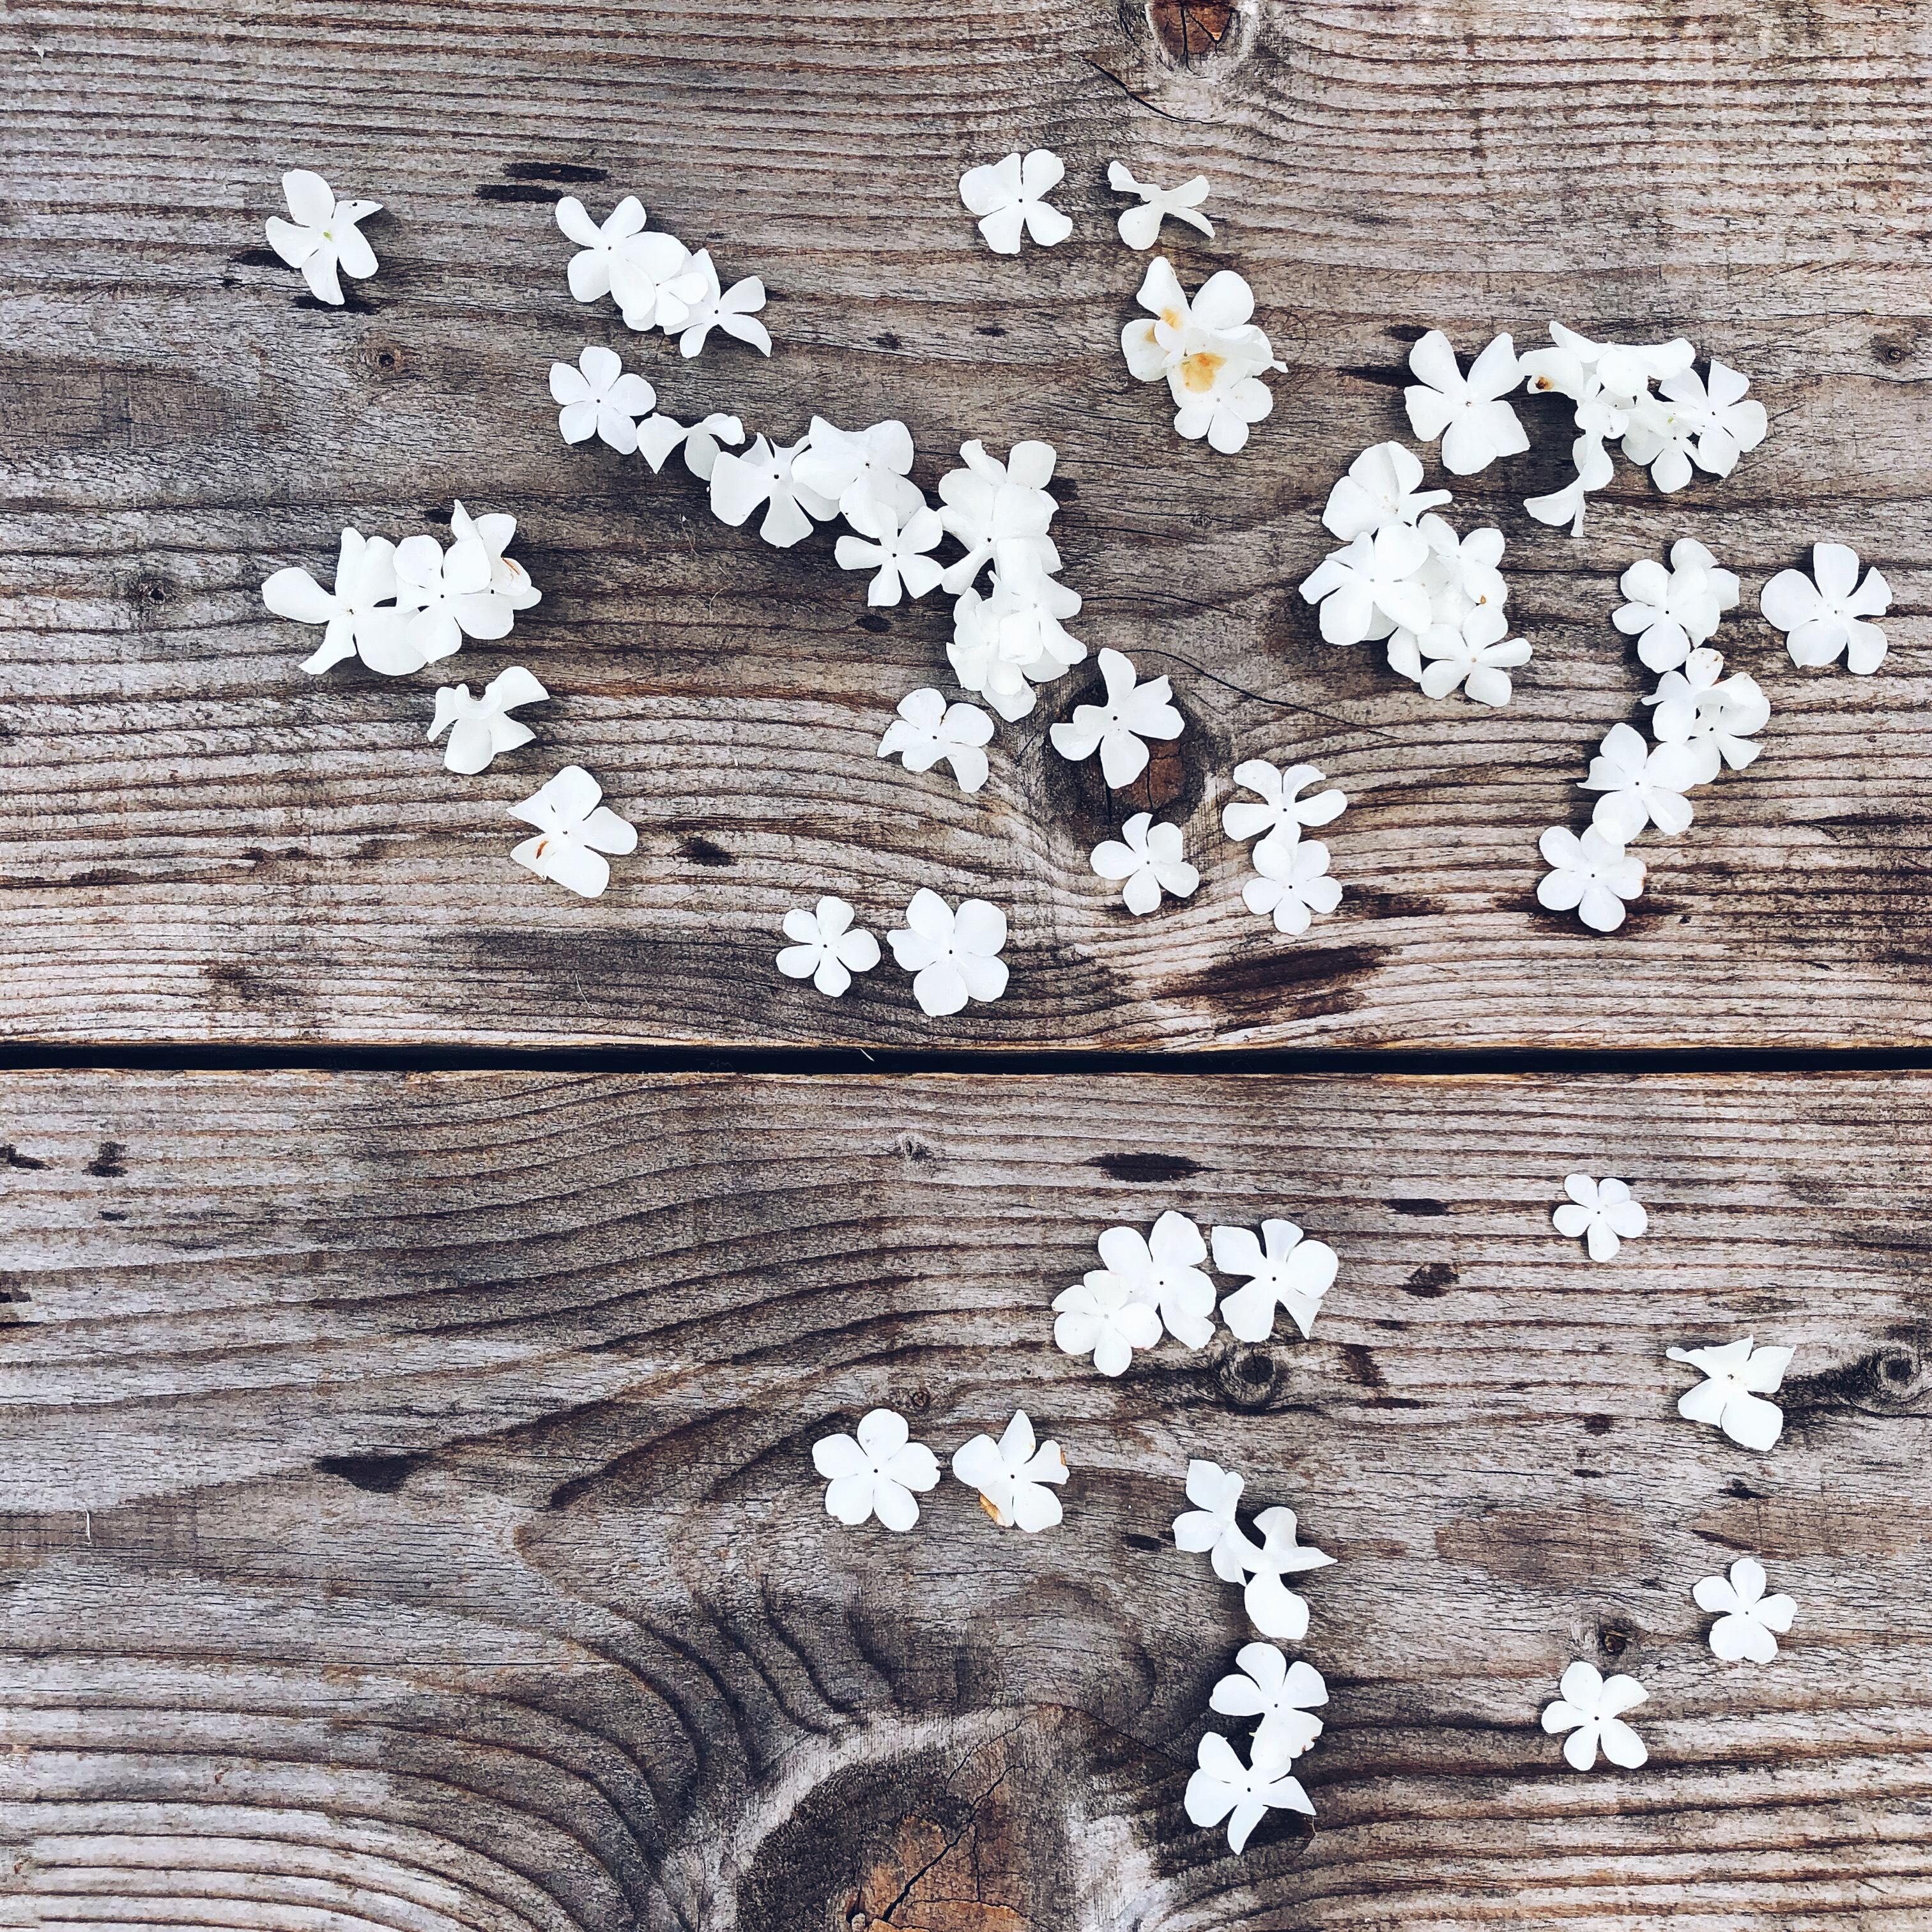 Petali di Ortensia su assi di legno - Percorsi di Mindfulness e Crescita Personale - tatianaberlaffa.com